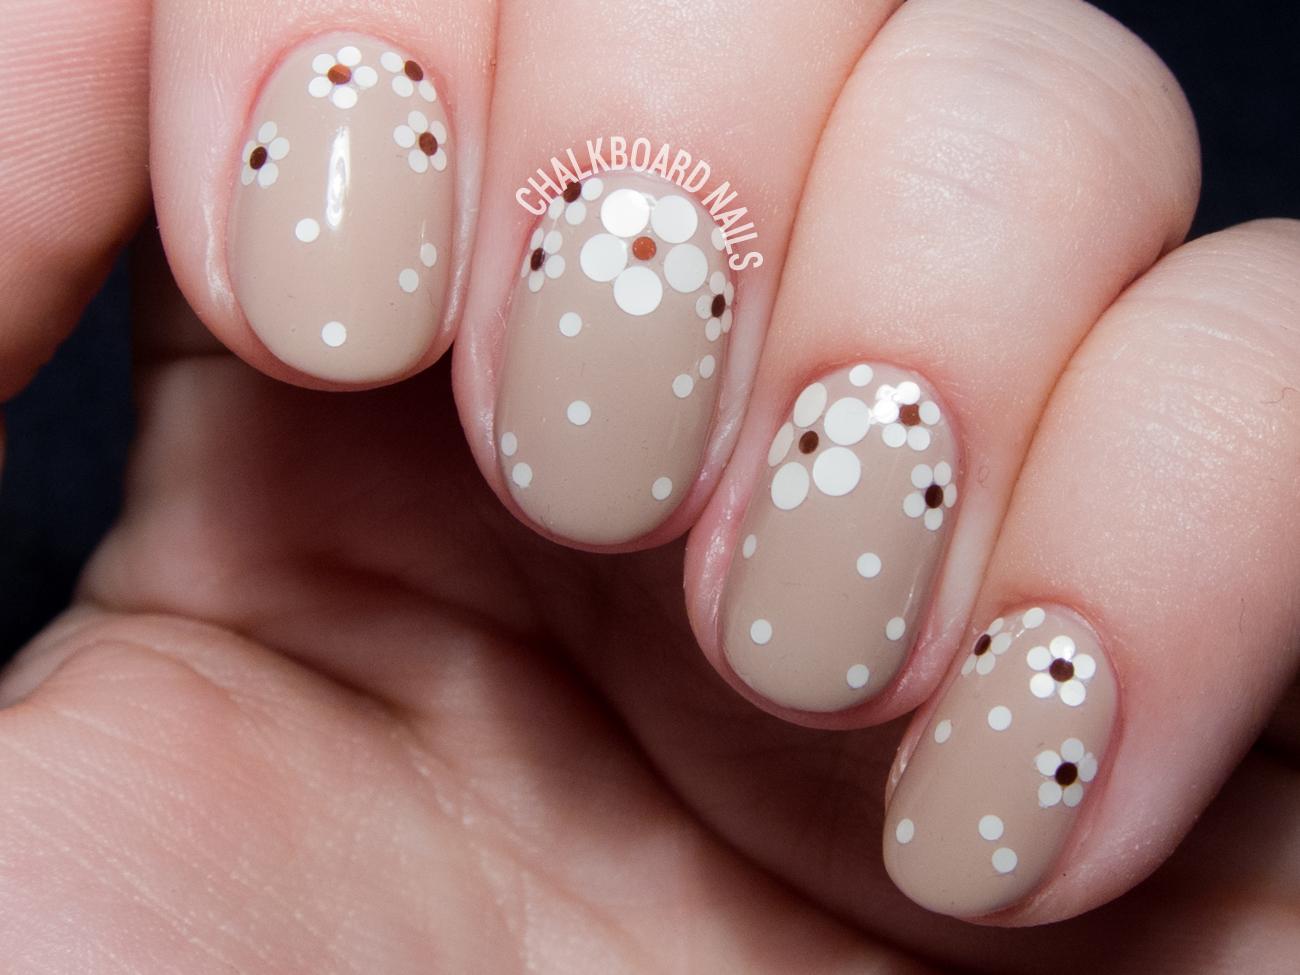 Glitter floral nails @chalkboardnails